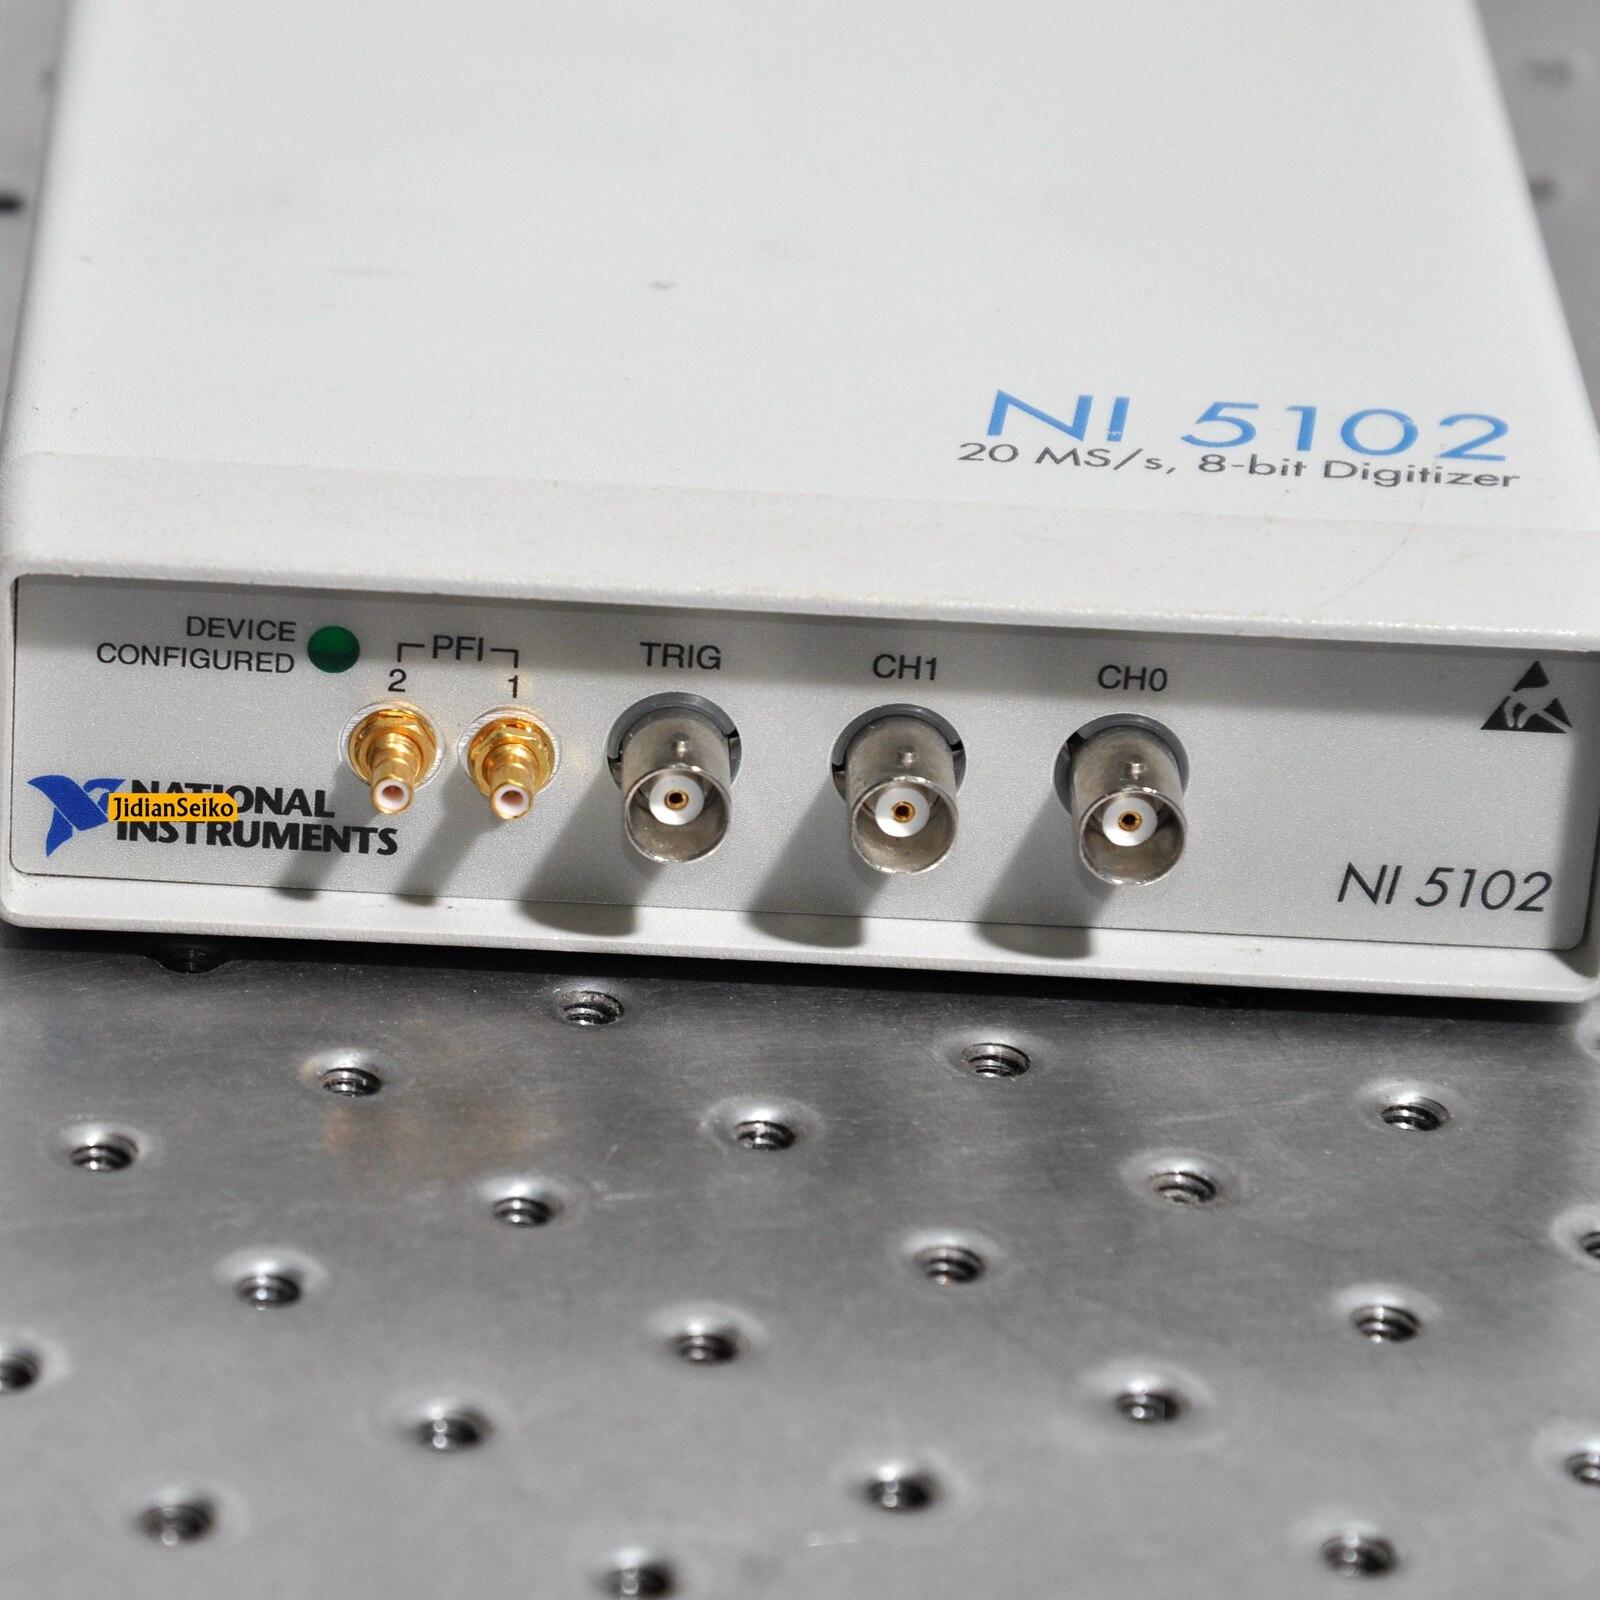 US 5102 Digital Module With Manual enlarge